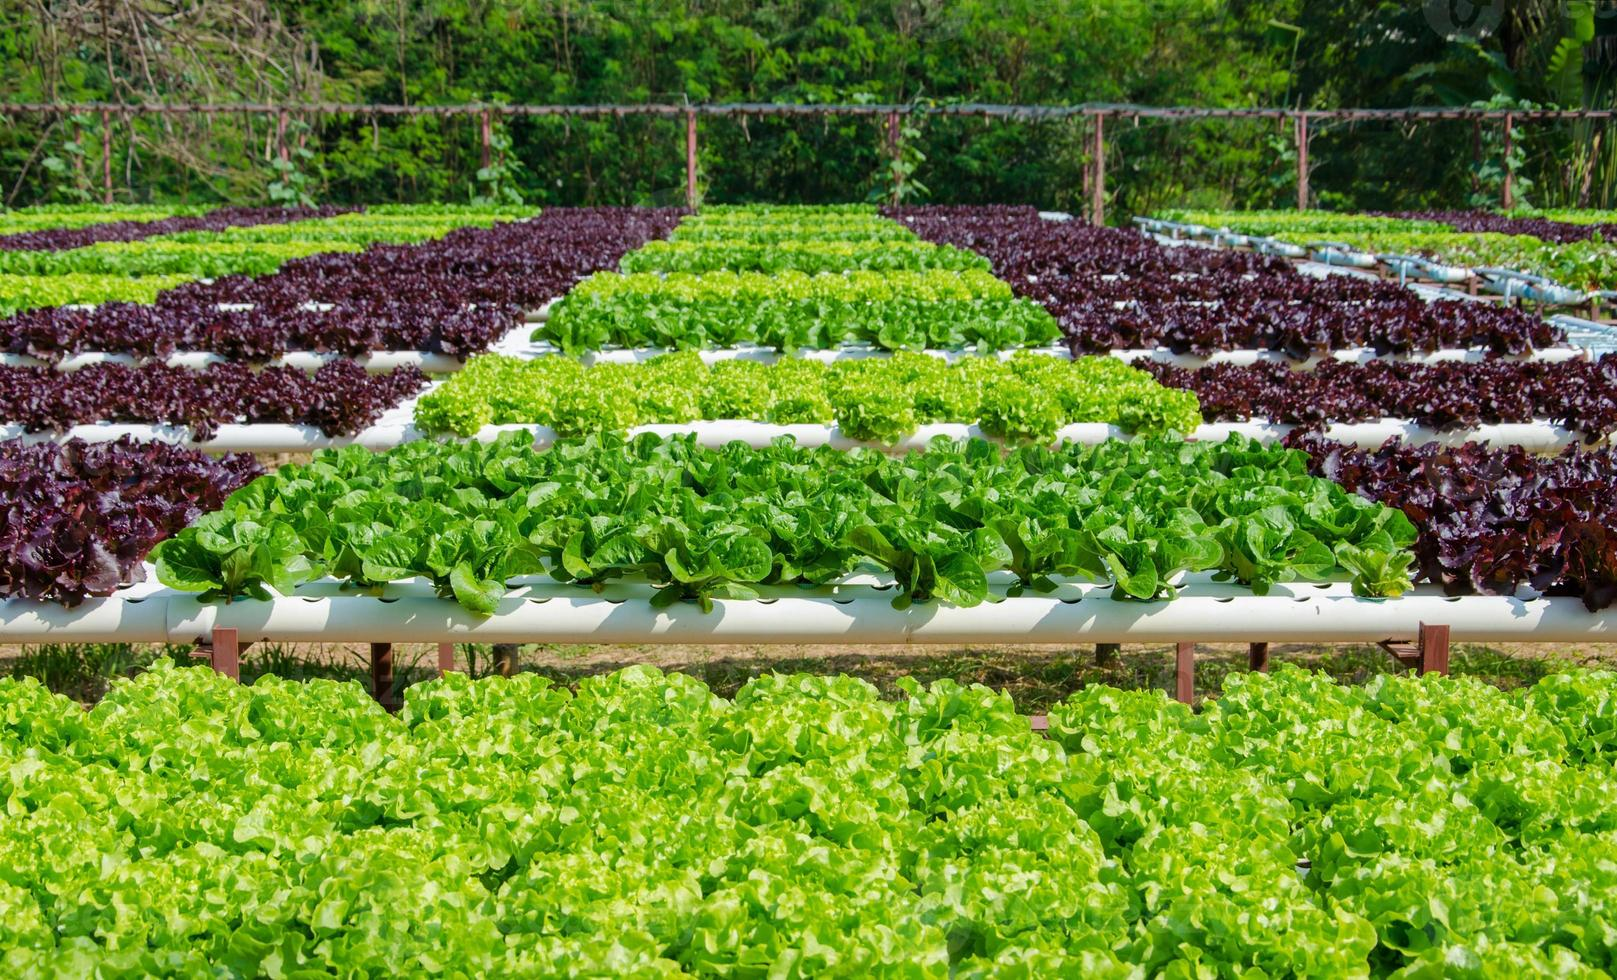 fazenda de cultivo hidropônico orgânico foto